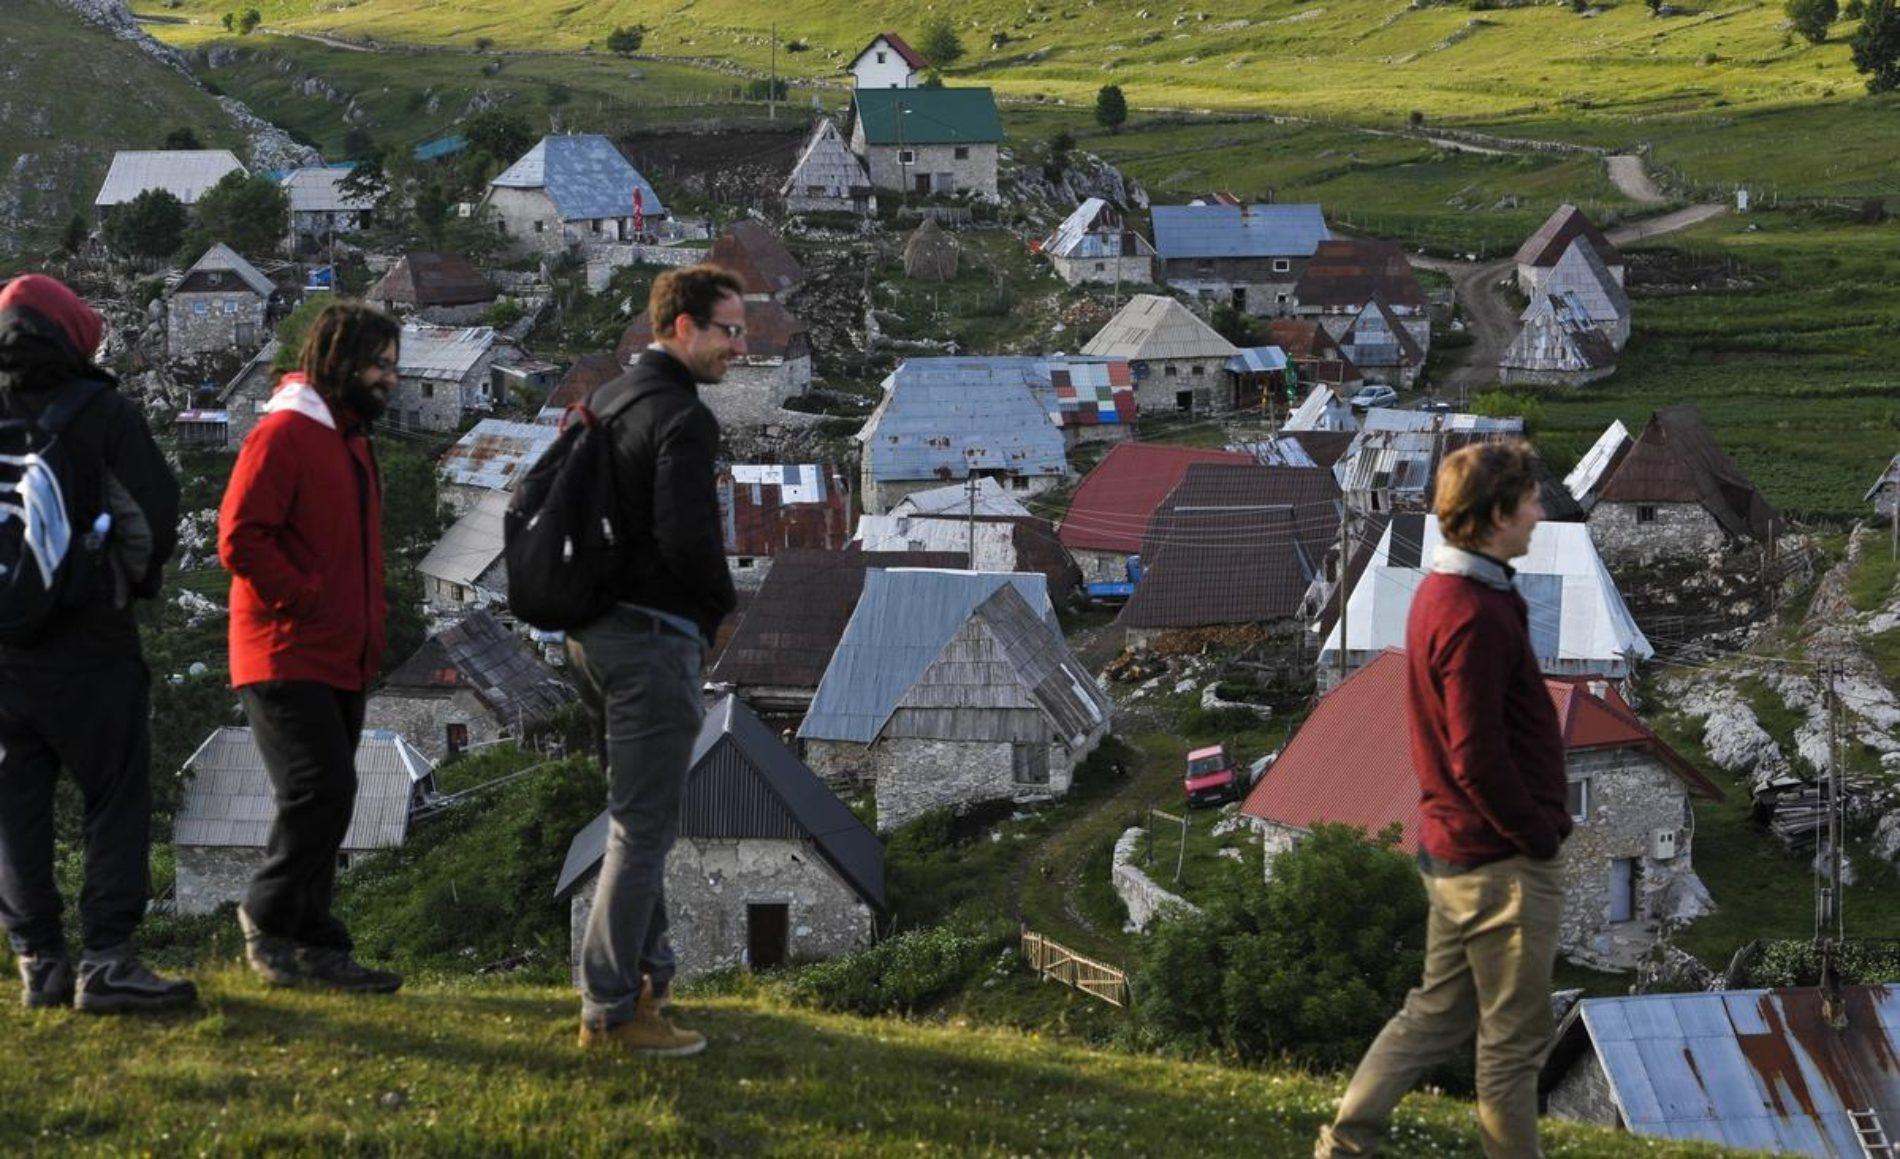 Lukomir: Posebne čari iftara u najvišem selu u Bosni i Hercegovini (FOTO)